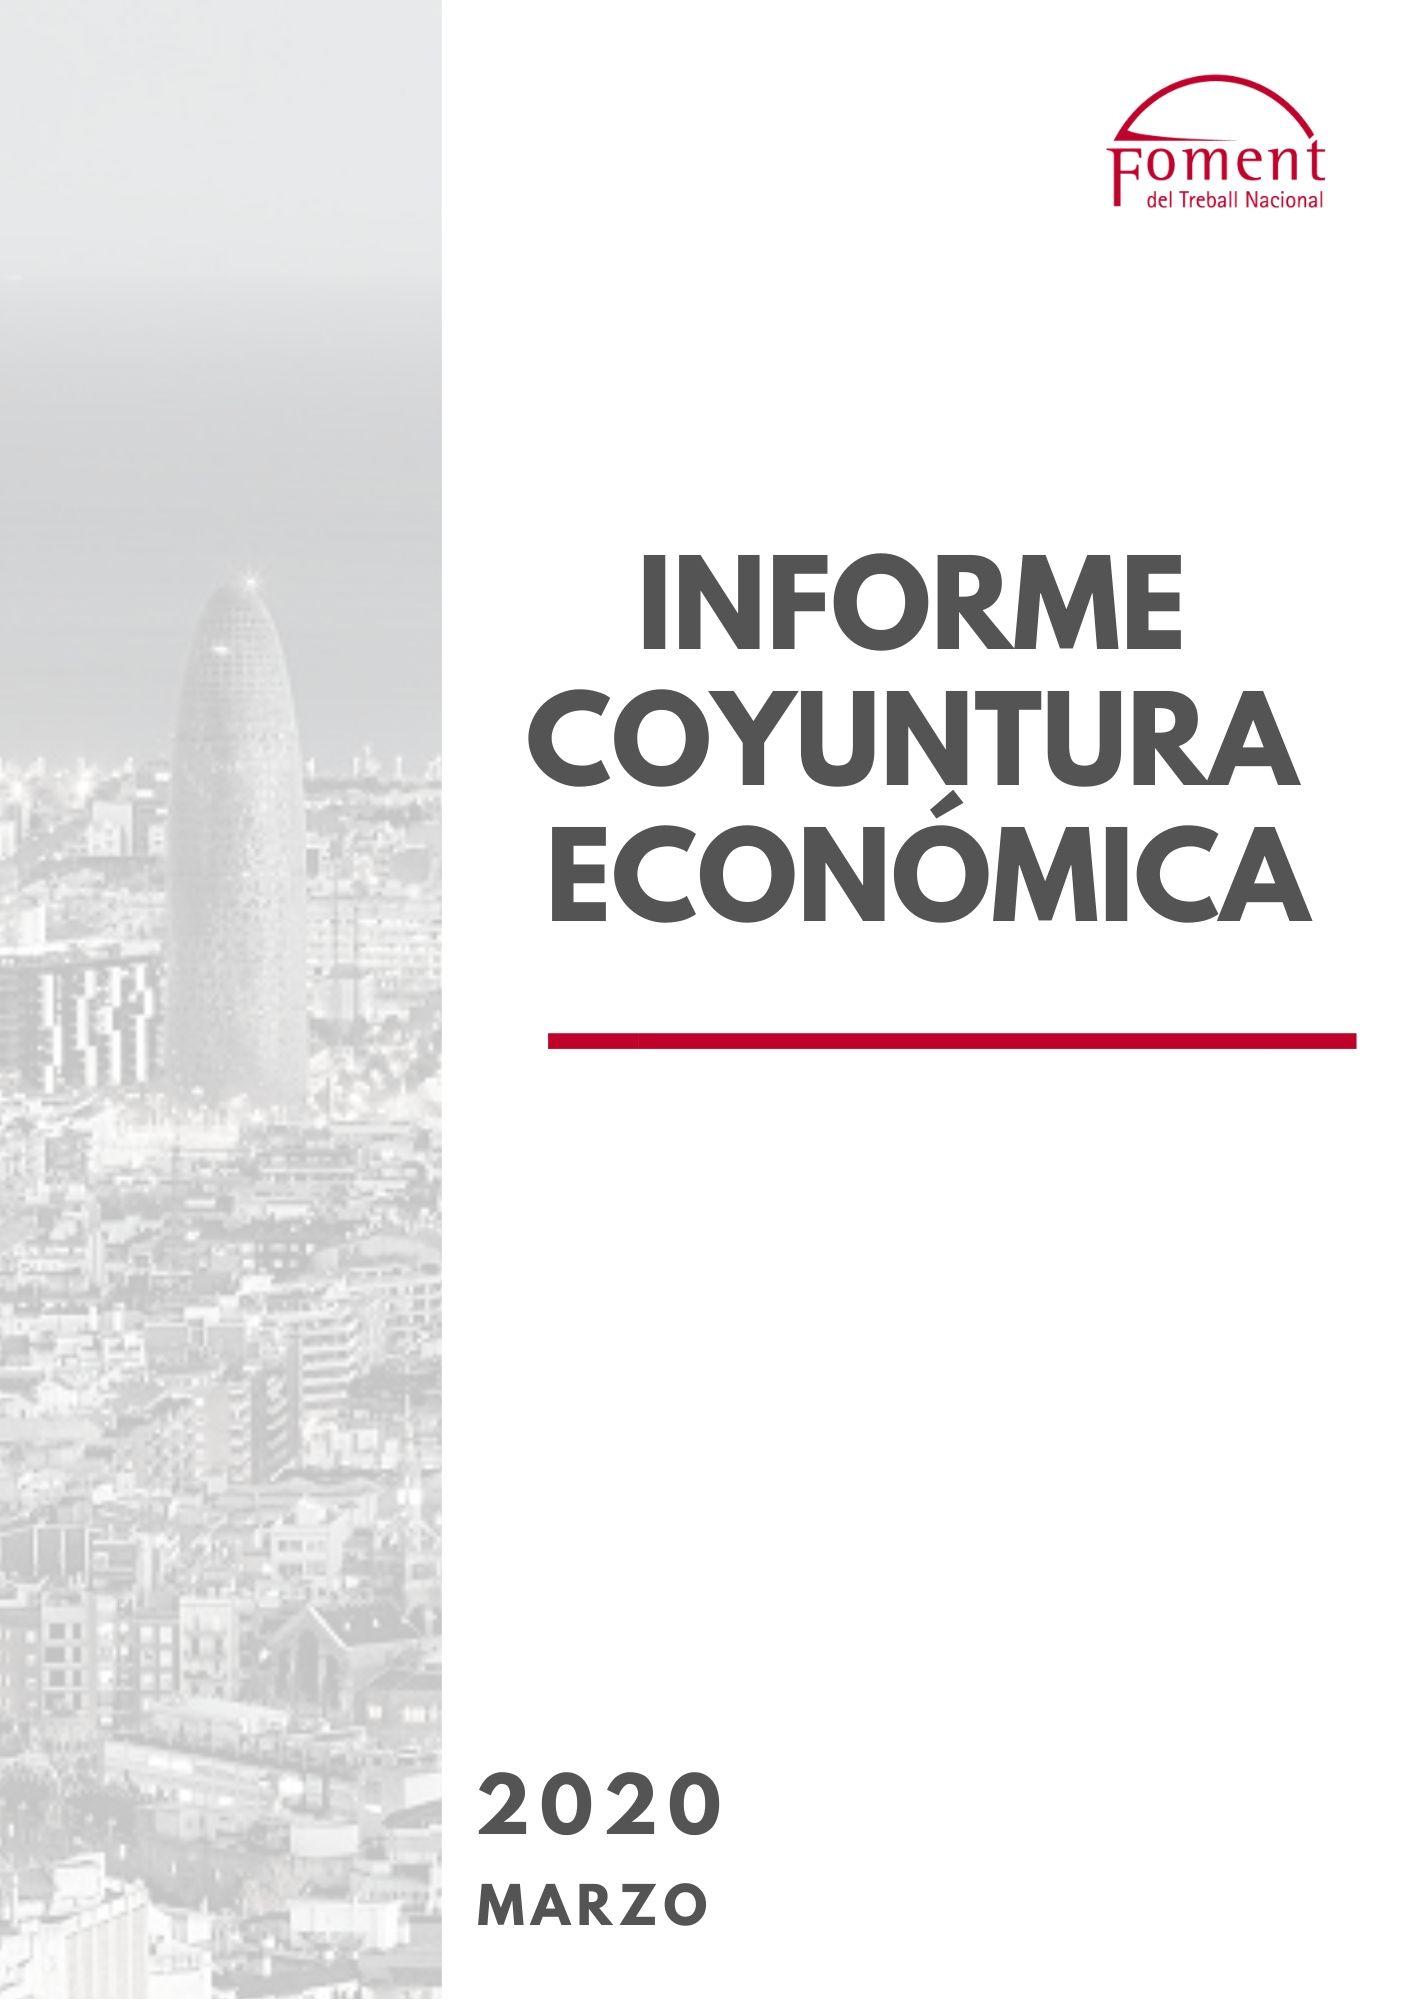 Informe de Coyuntura Económica – marzo 2020